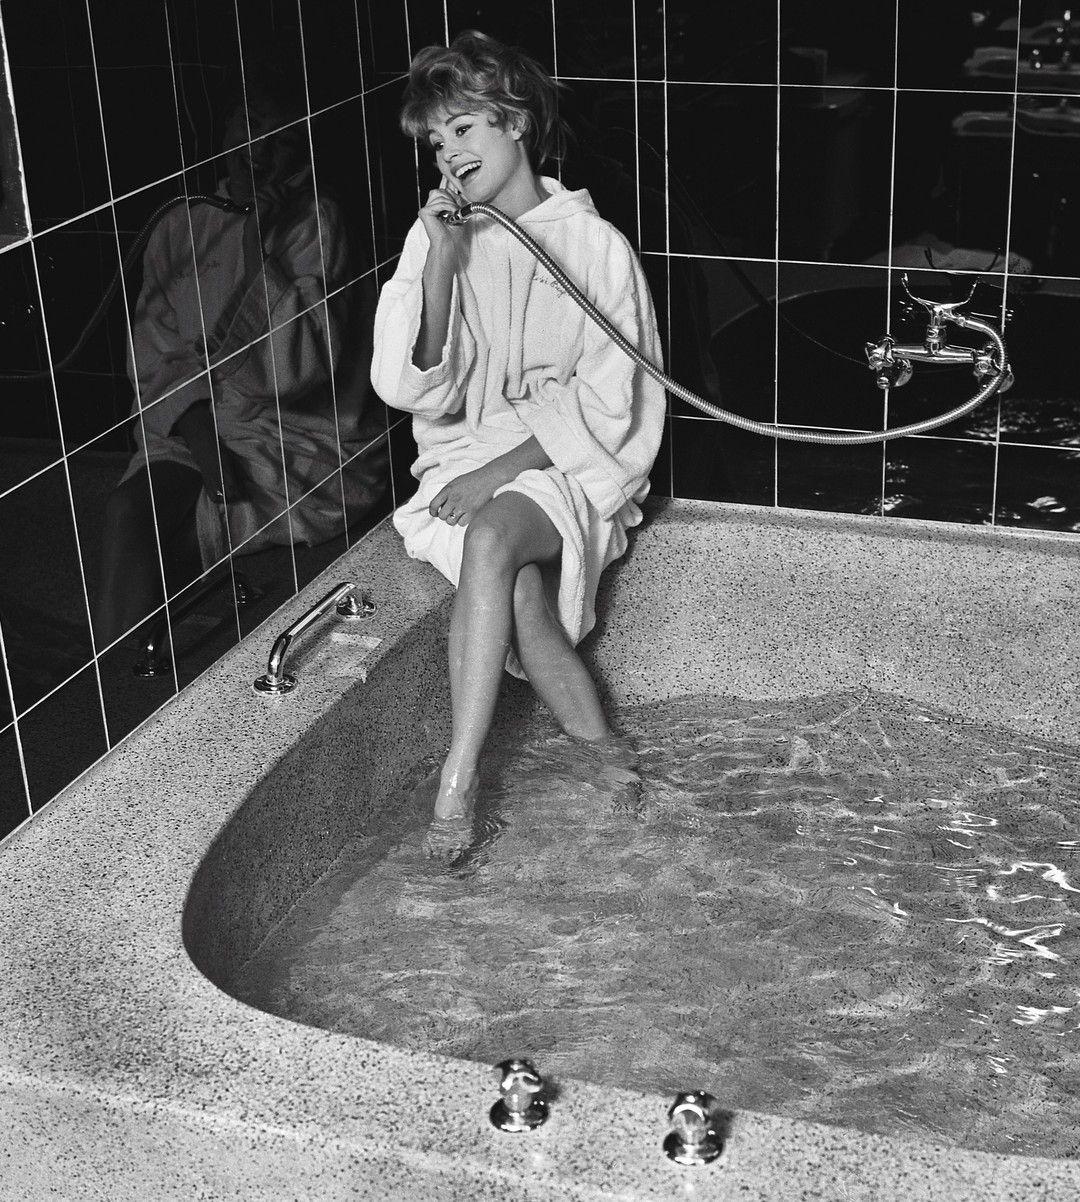 Les plus belles photos des de @parismatch_magazine  #1957 - #BB est à #Münich pour le gala du journal #MünchnerIllustrierte lors des festivités du #MardiGras. Brigitte et de bonne humeur elle a envie de plaisanter elle fait semblant de téléphoner avec le pommeau de la douche. #Bardot est déjà une #star mais pour ses copains de #ParisMatch elle reste la petite fiancée rigolote et sexy. Photo: Francois Pages / Paris Match by parismatch_vintage